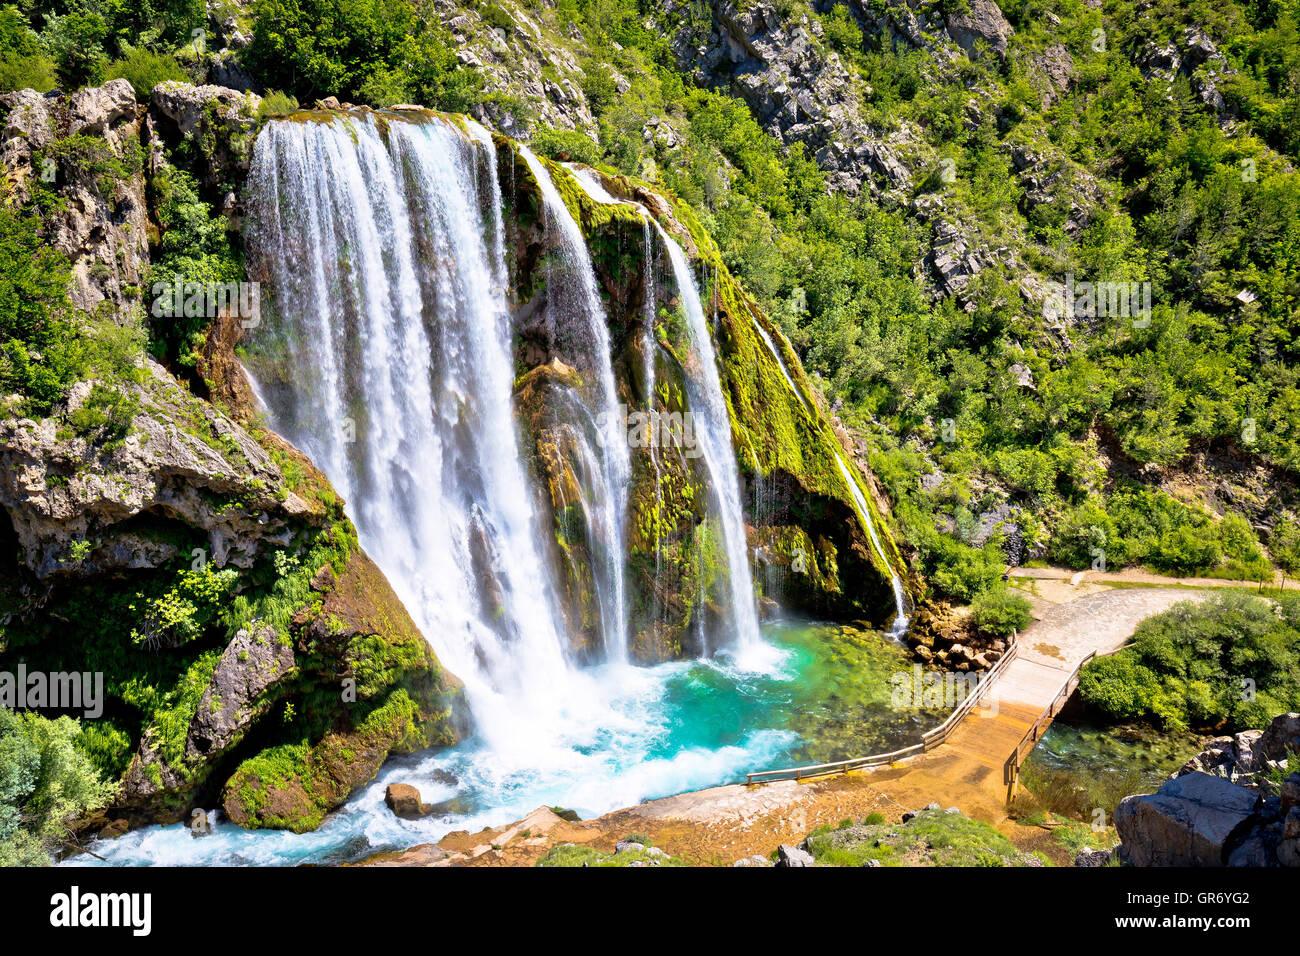 Krcic Wasserfall in Knin malerische Aussicht, dalmatinischen Hinterland, Kroatien Stockbild